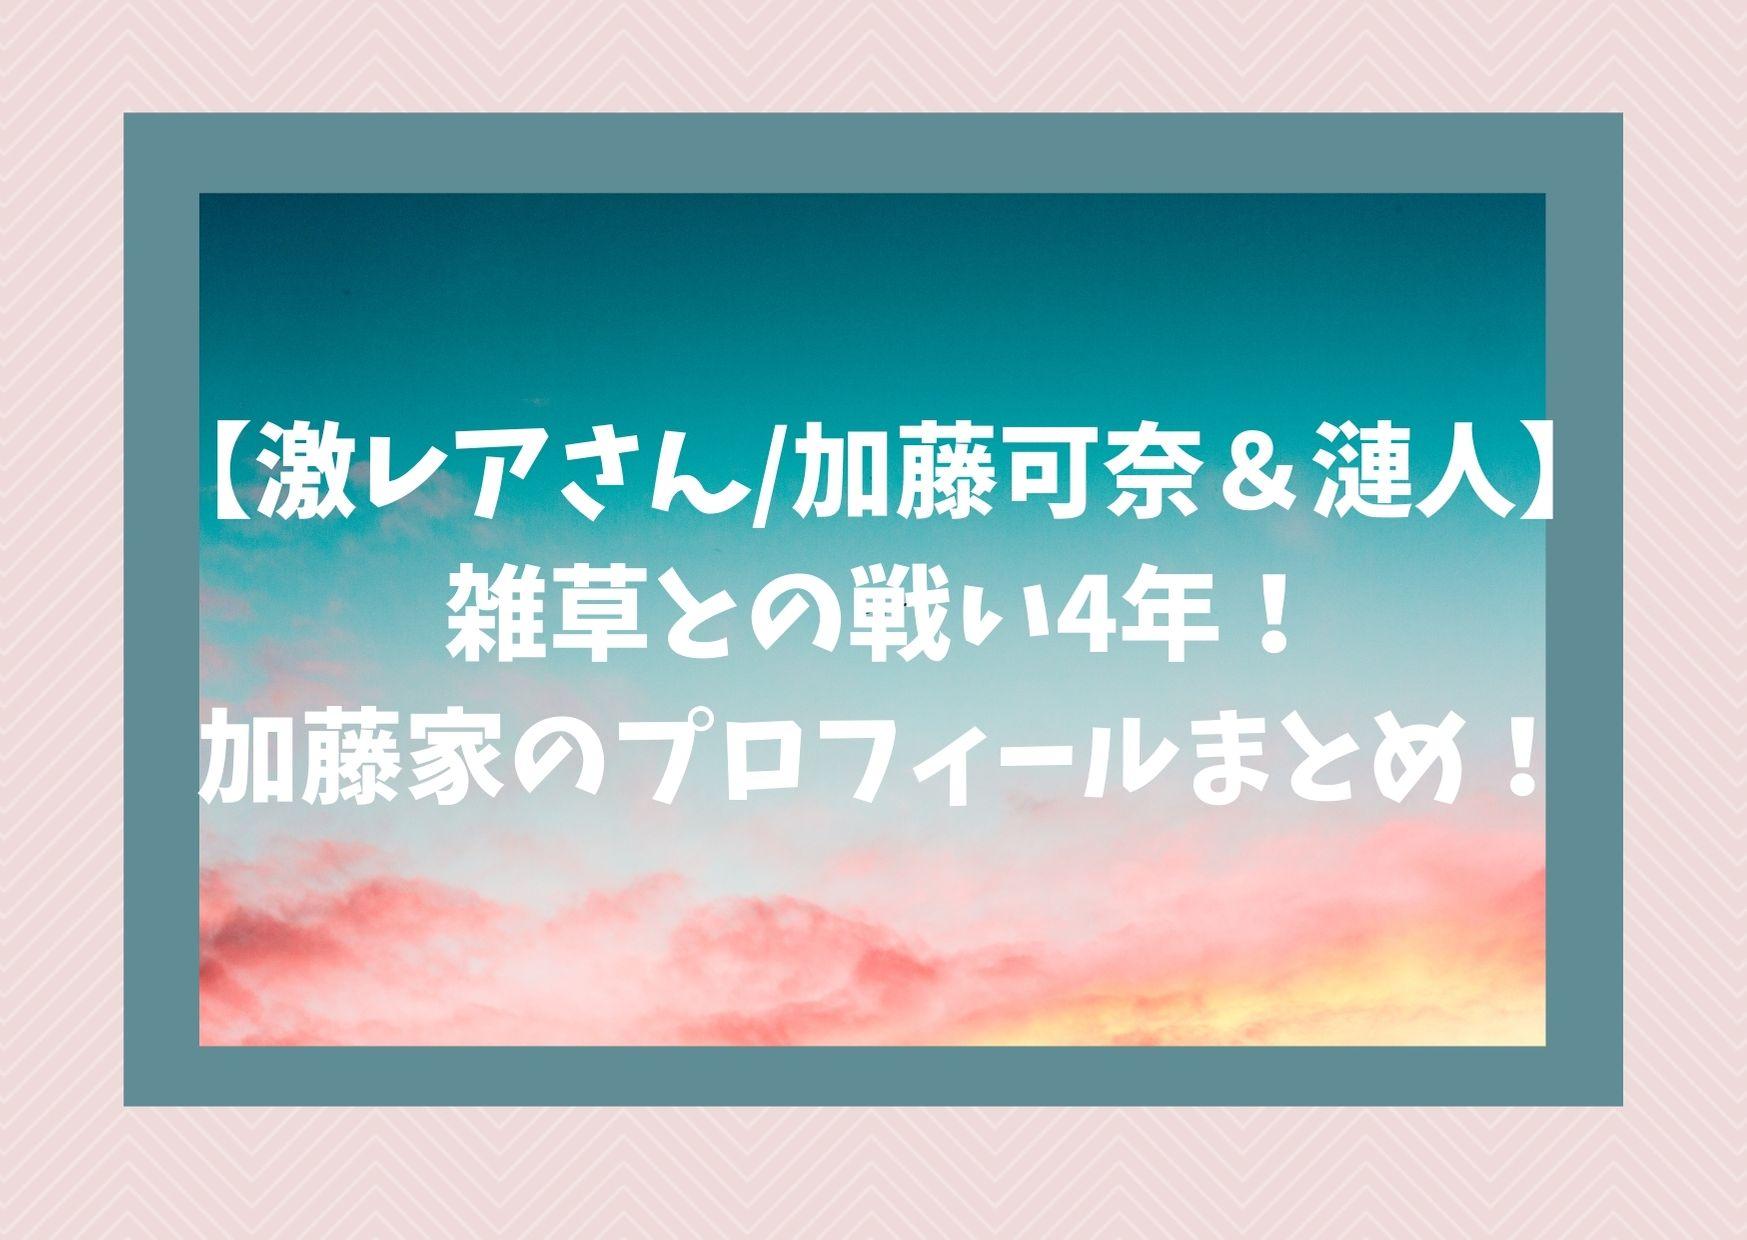 【激レアさん/加藤可奈&漣人】雑草との戦い4年!加藤家のプロフィールまとめ!